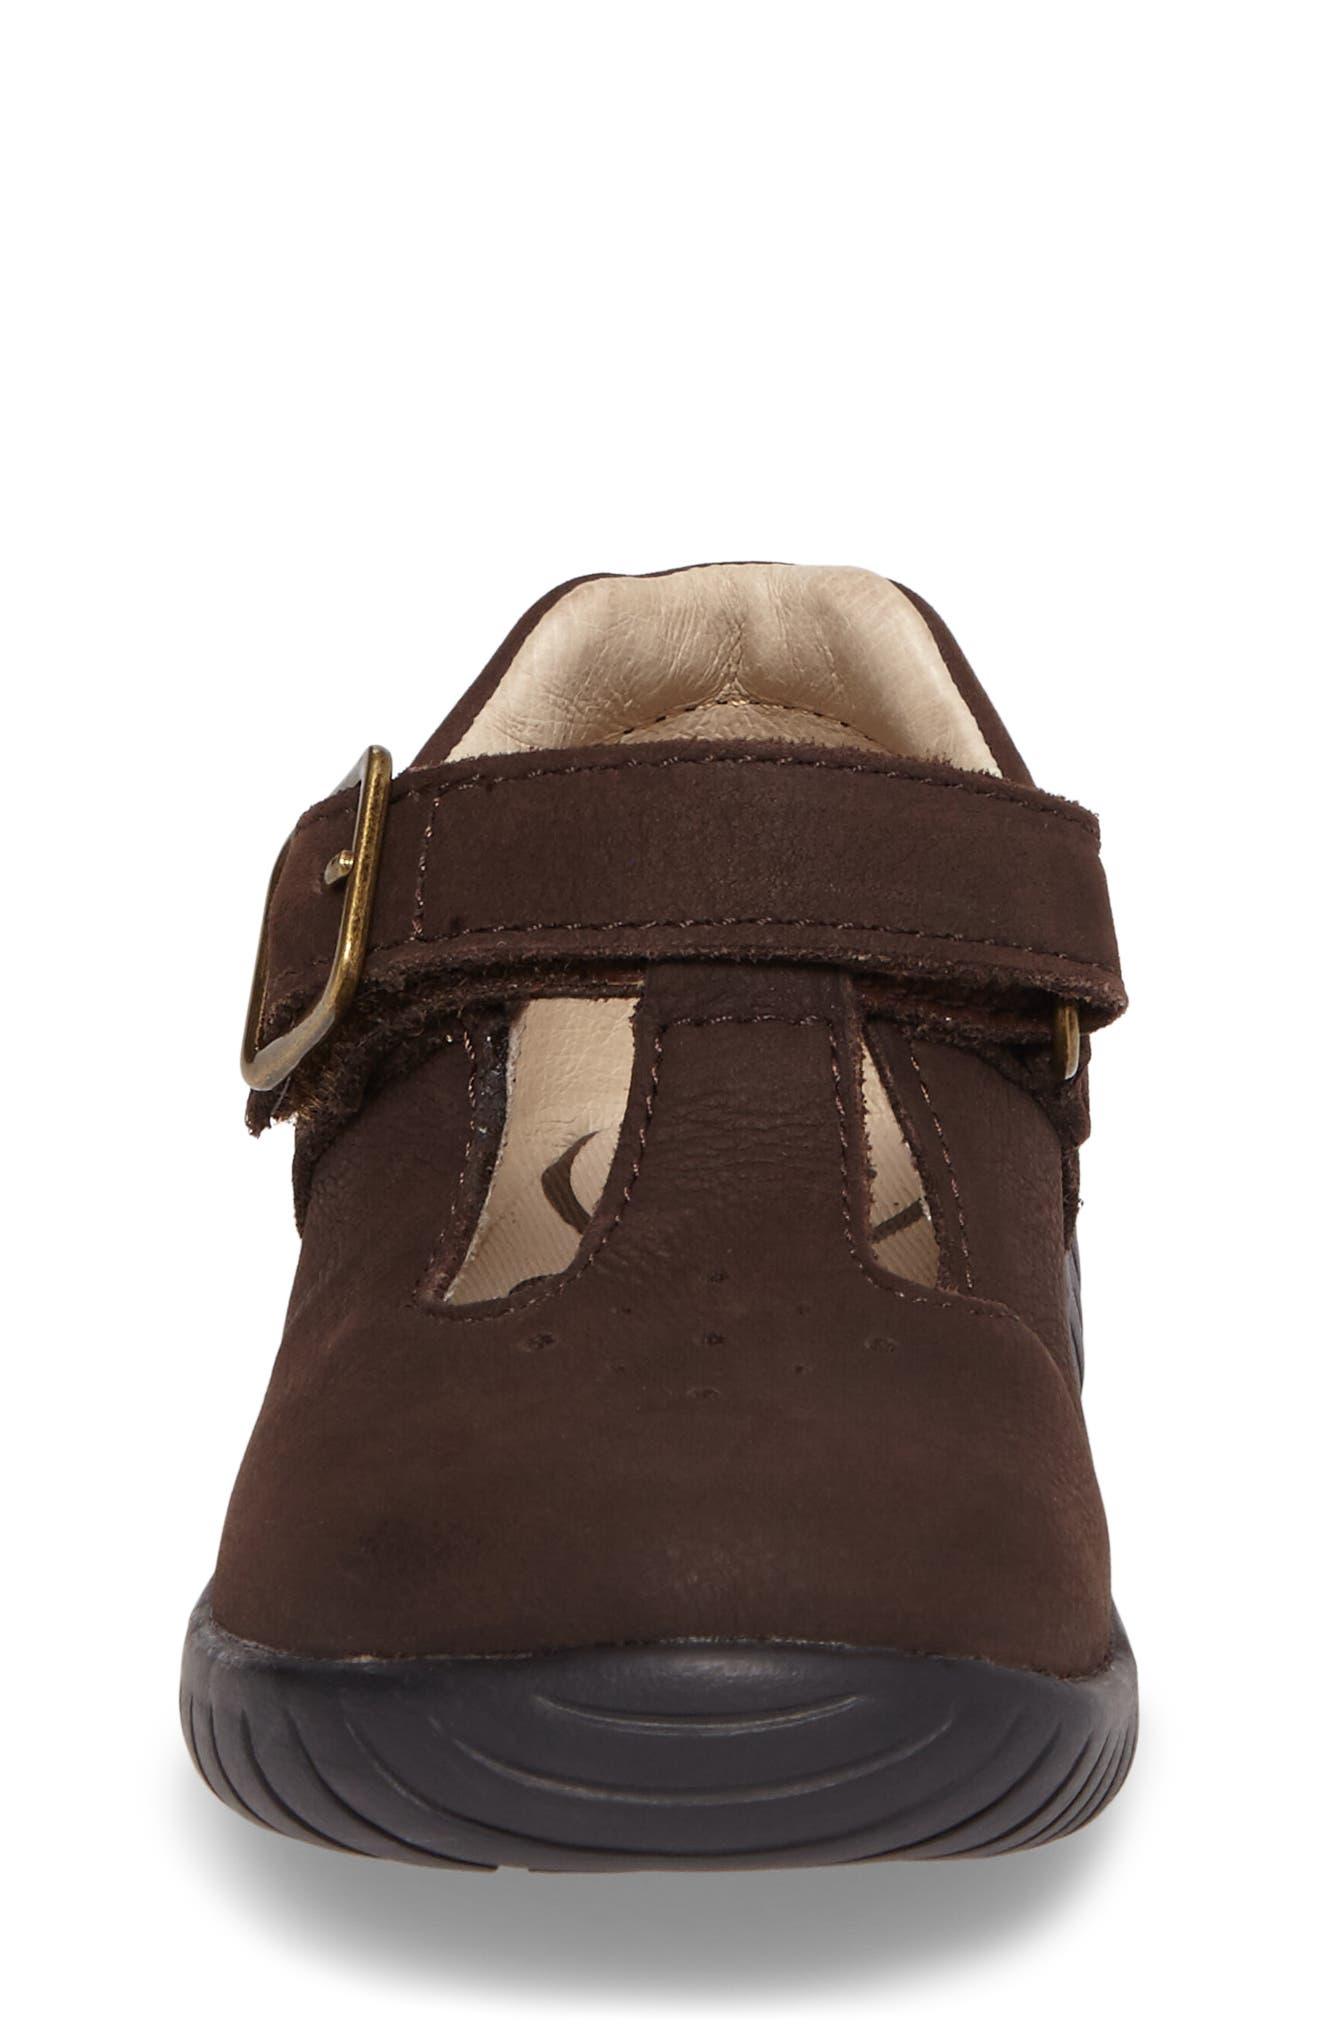 Lindsay Mary Jane Sneaker,                             Alternate thumbnail 4, color,                             200